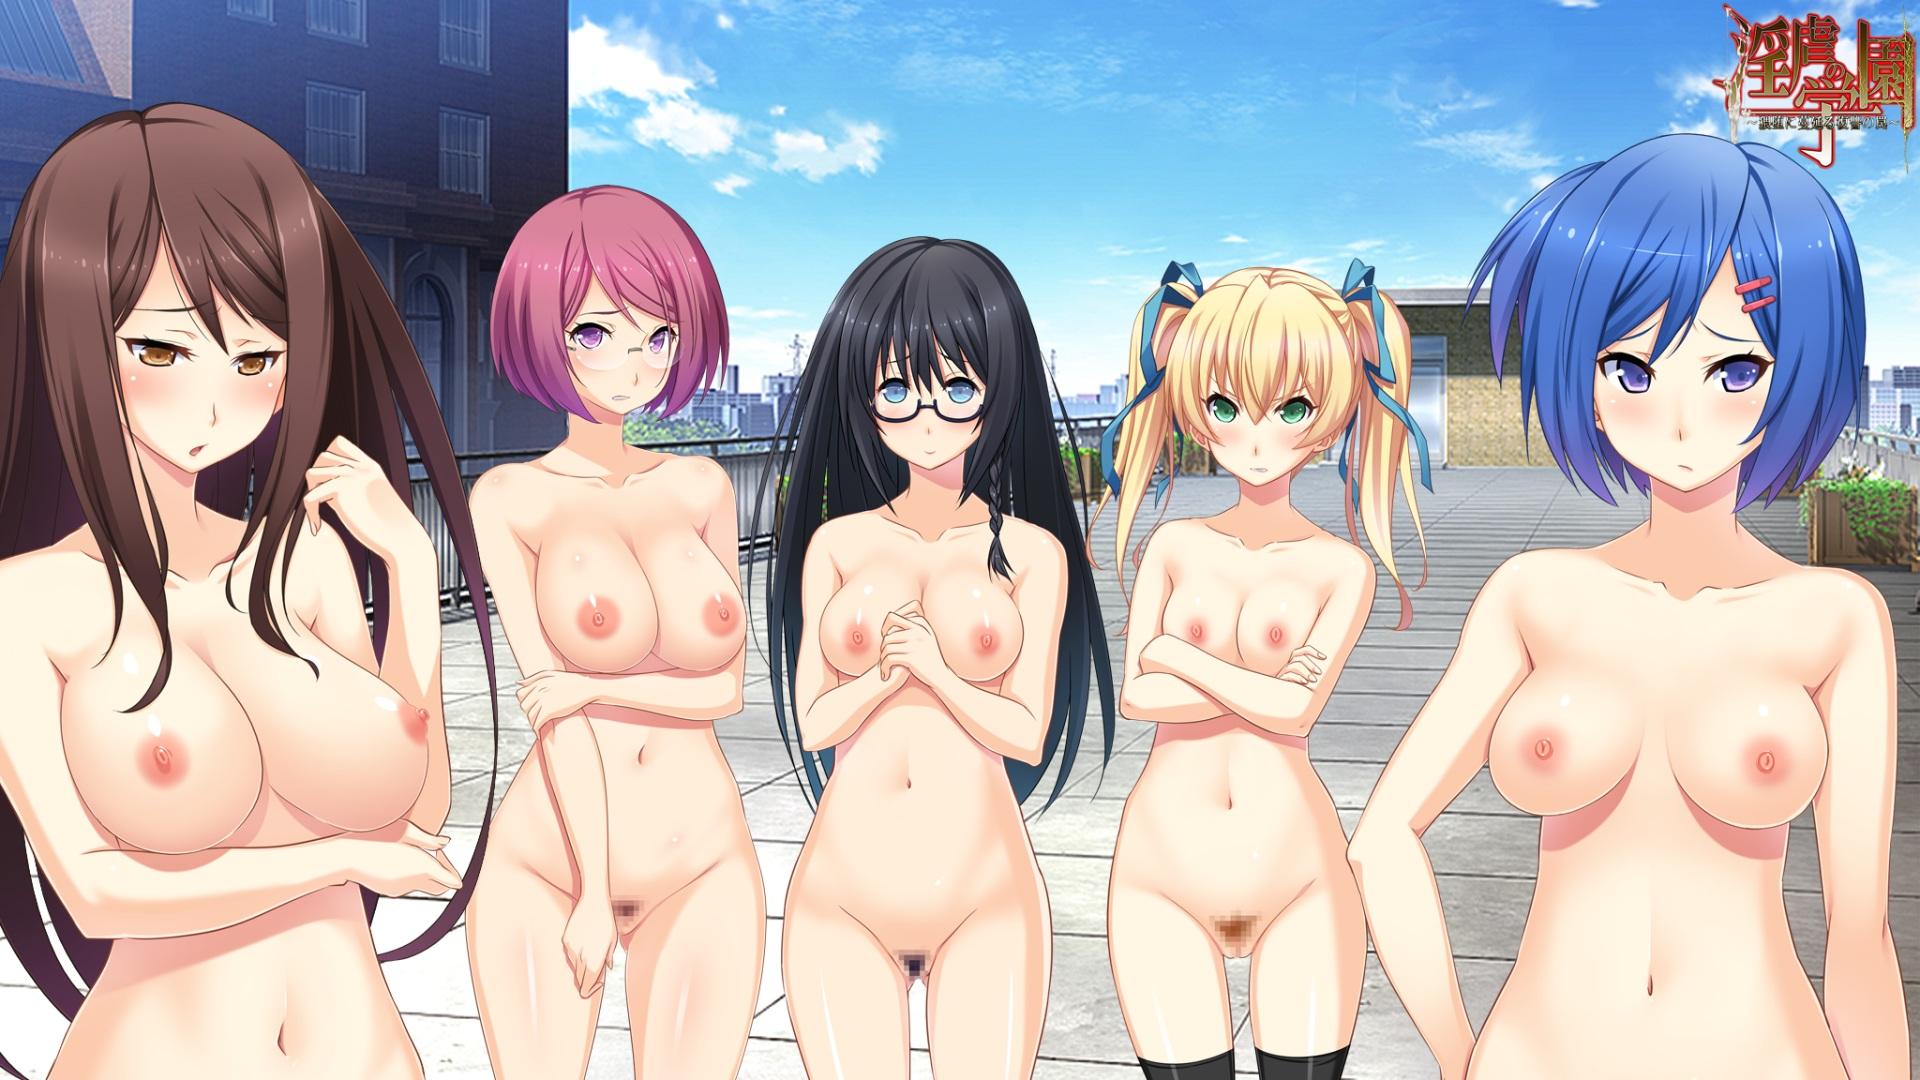 裸の立ち絵画像を集めようぜ Part18->画像>465枚